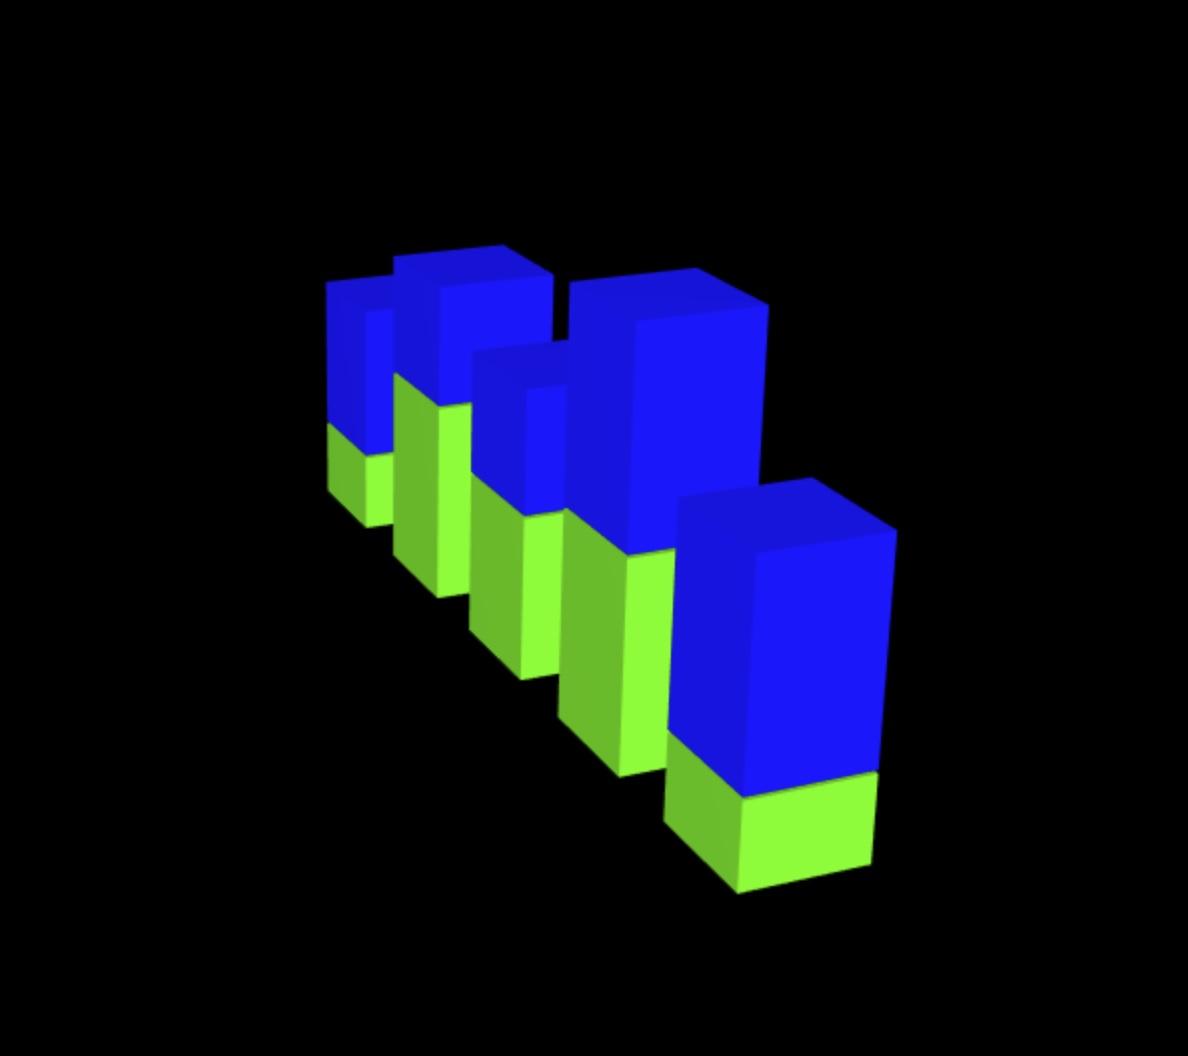 Simple Würfelgeometrie und Shader